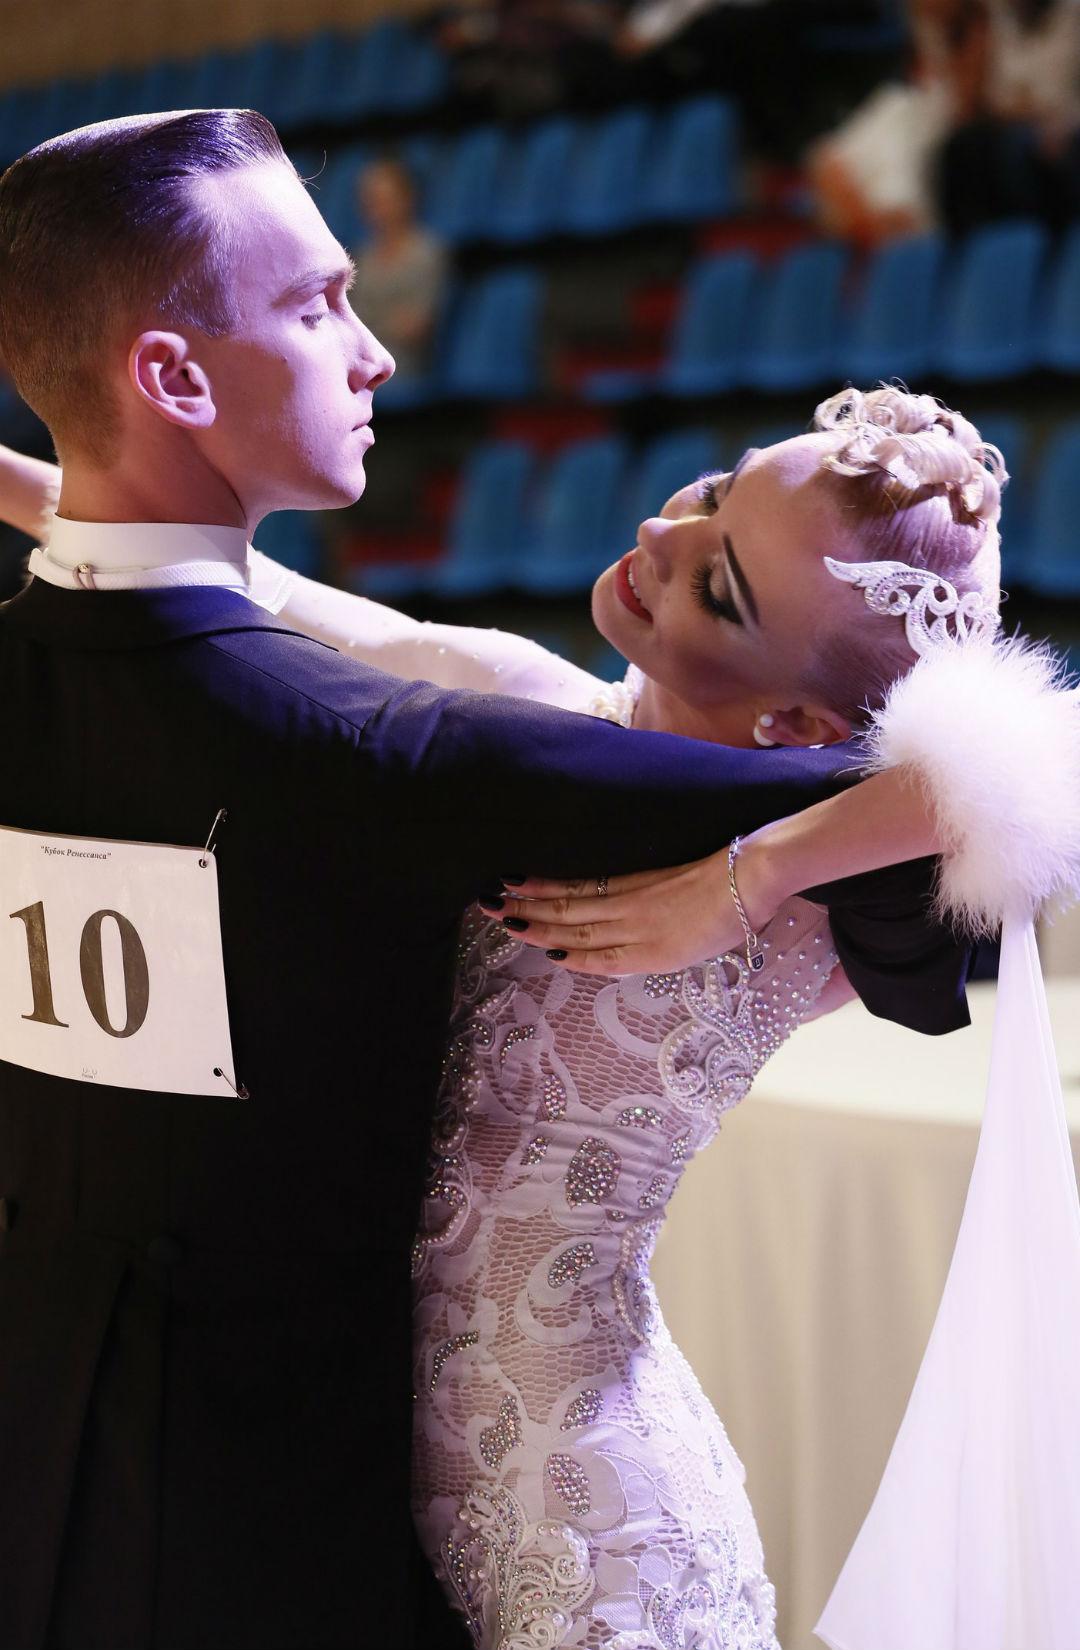 Прическа бальные танцы фото 2018 первенство федерации